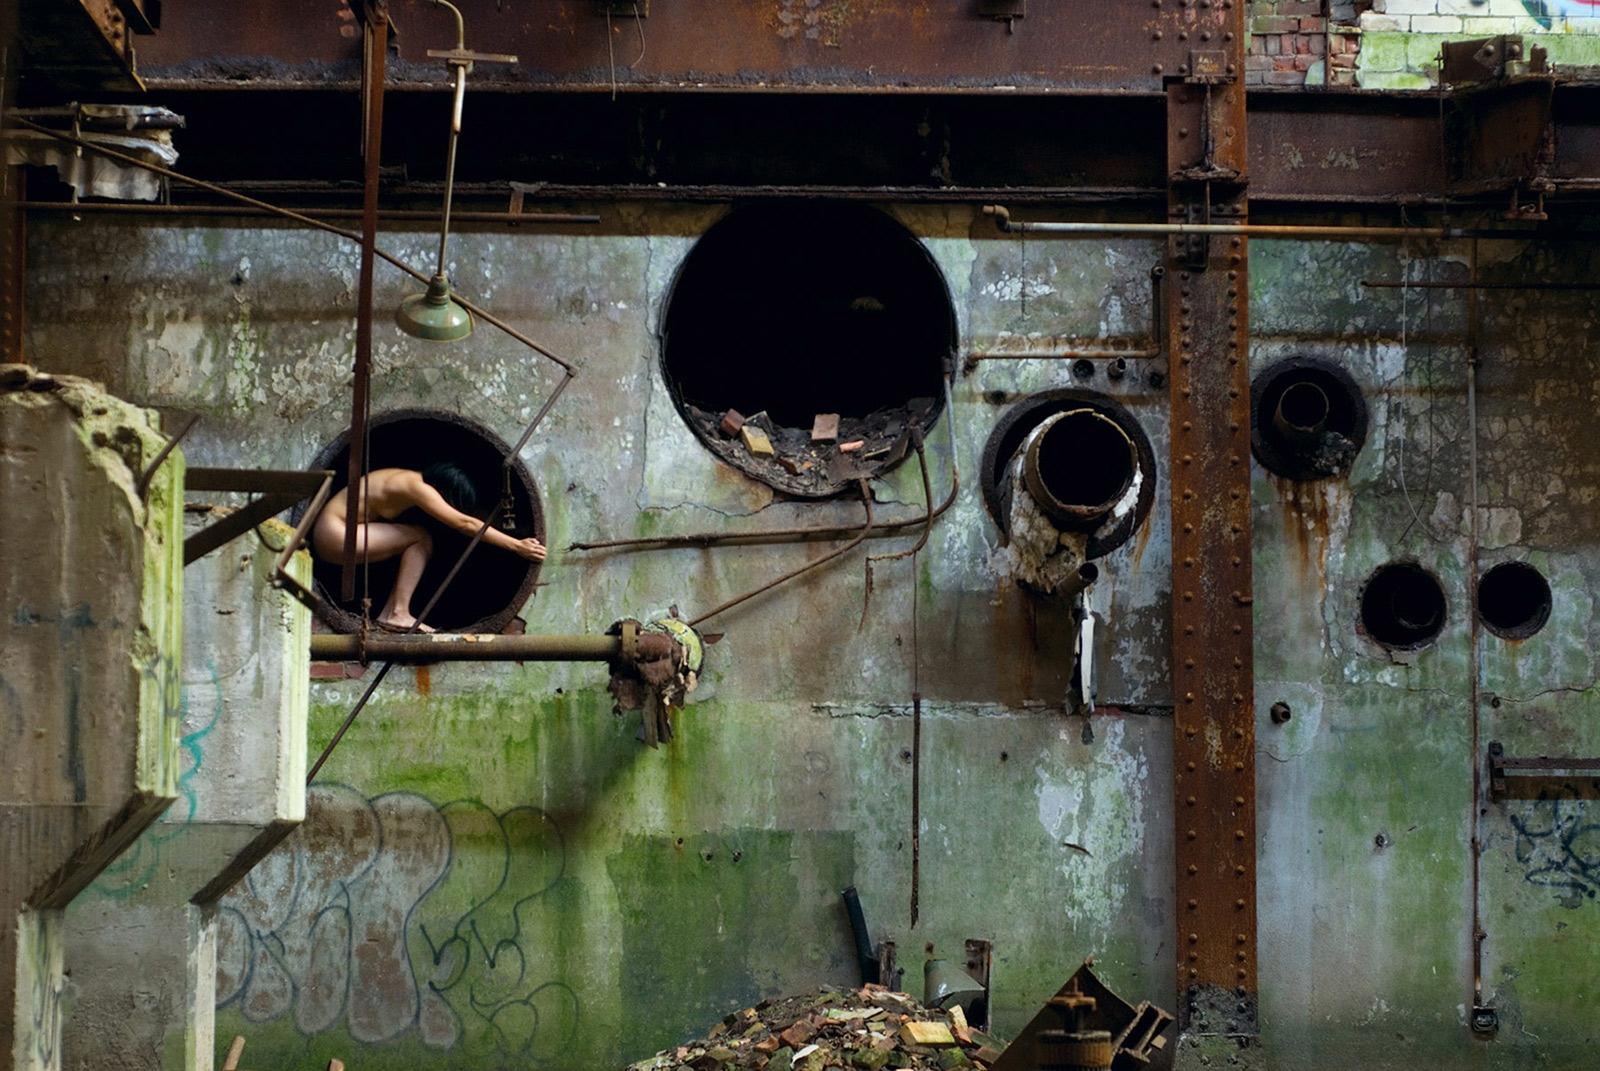 Glenwood Power Plant, Yonkers, NY, USA #1